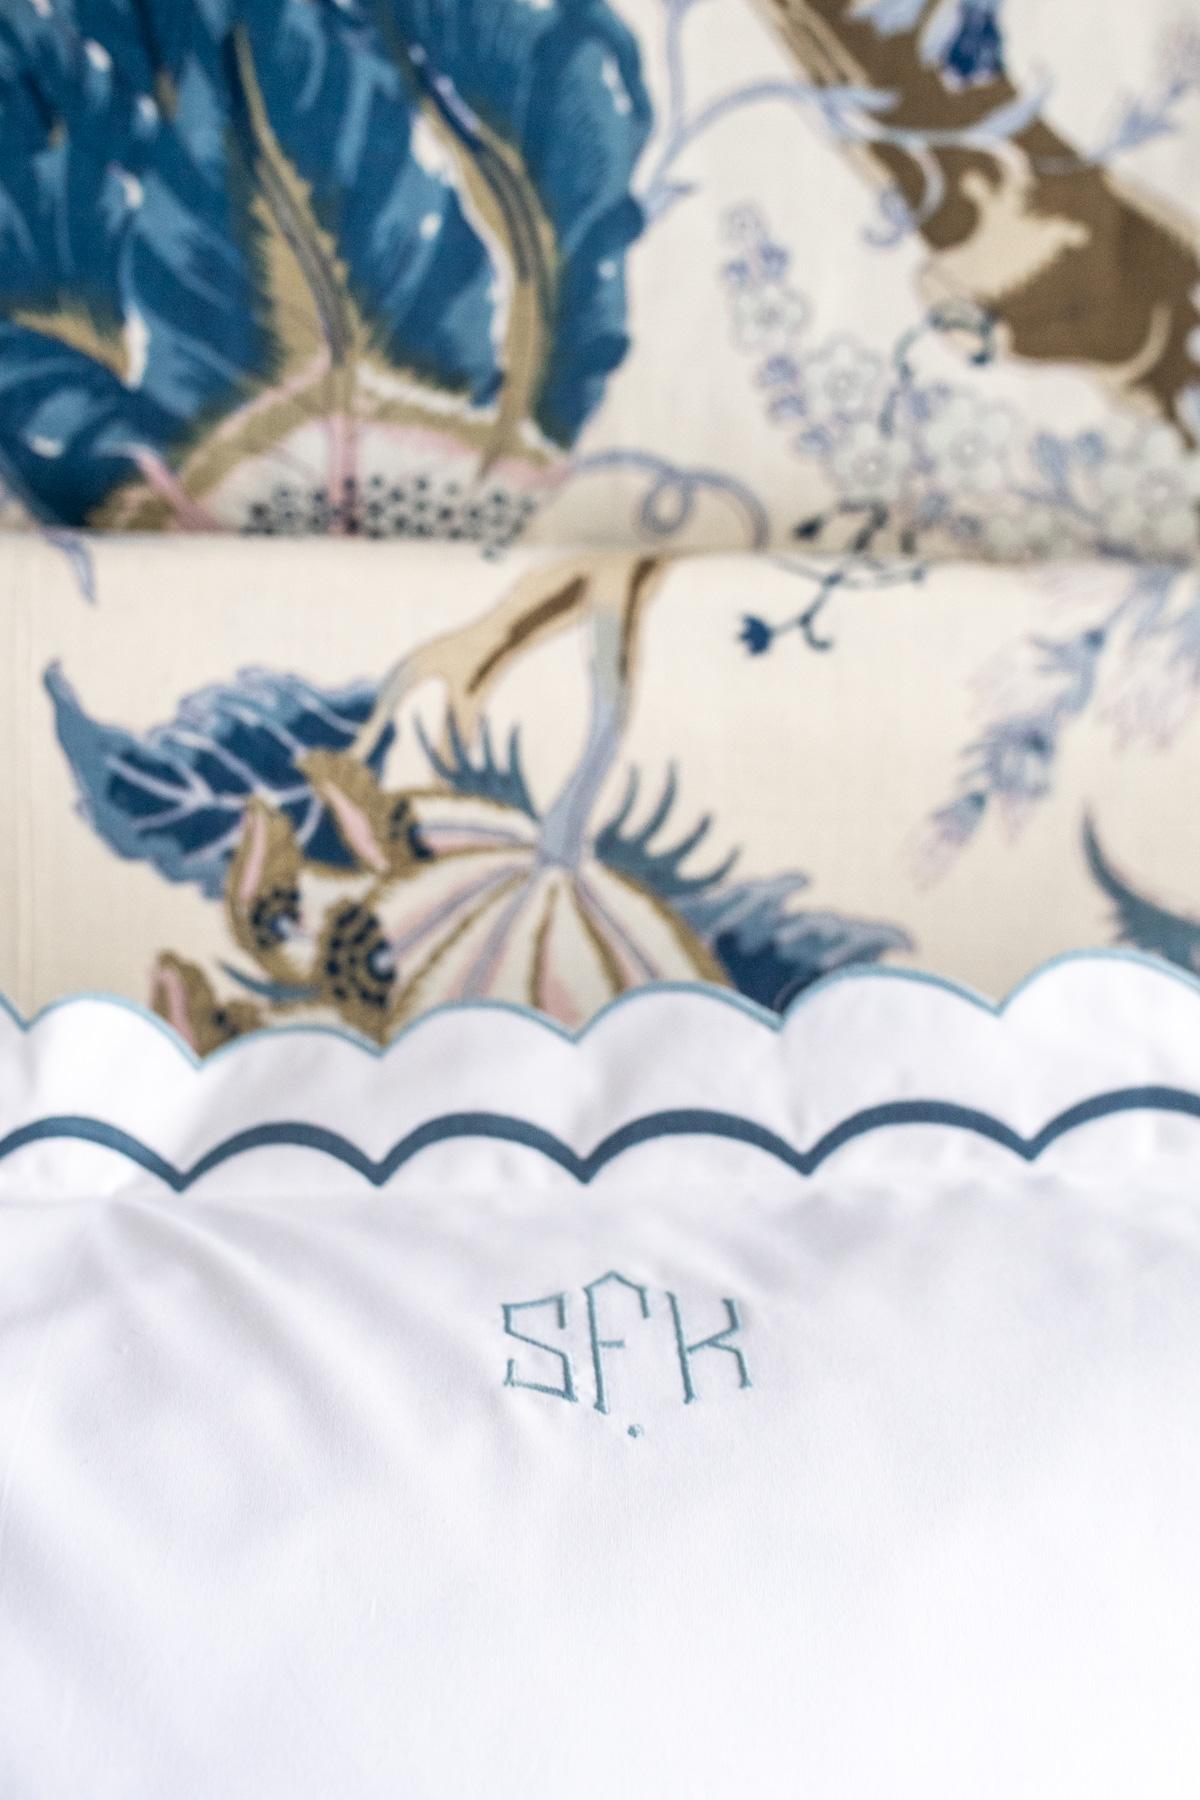 Matouk Monogrammed Bedding x Stacie Flinner-21.jpg